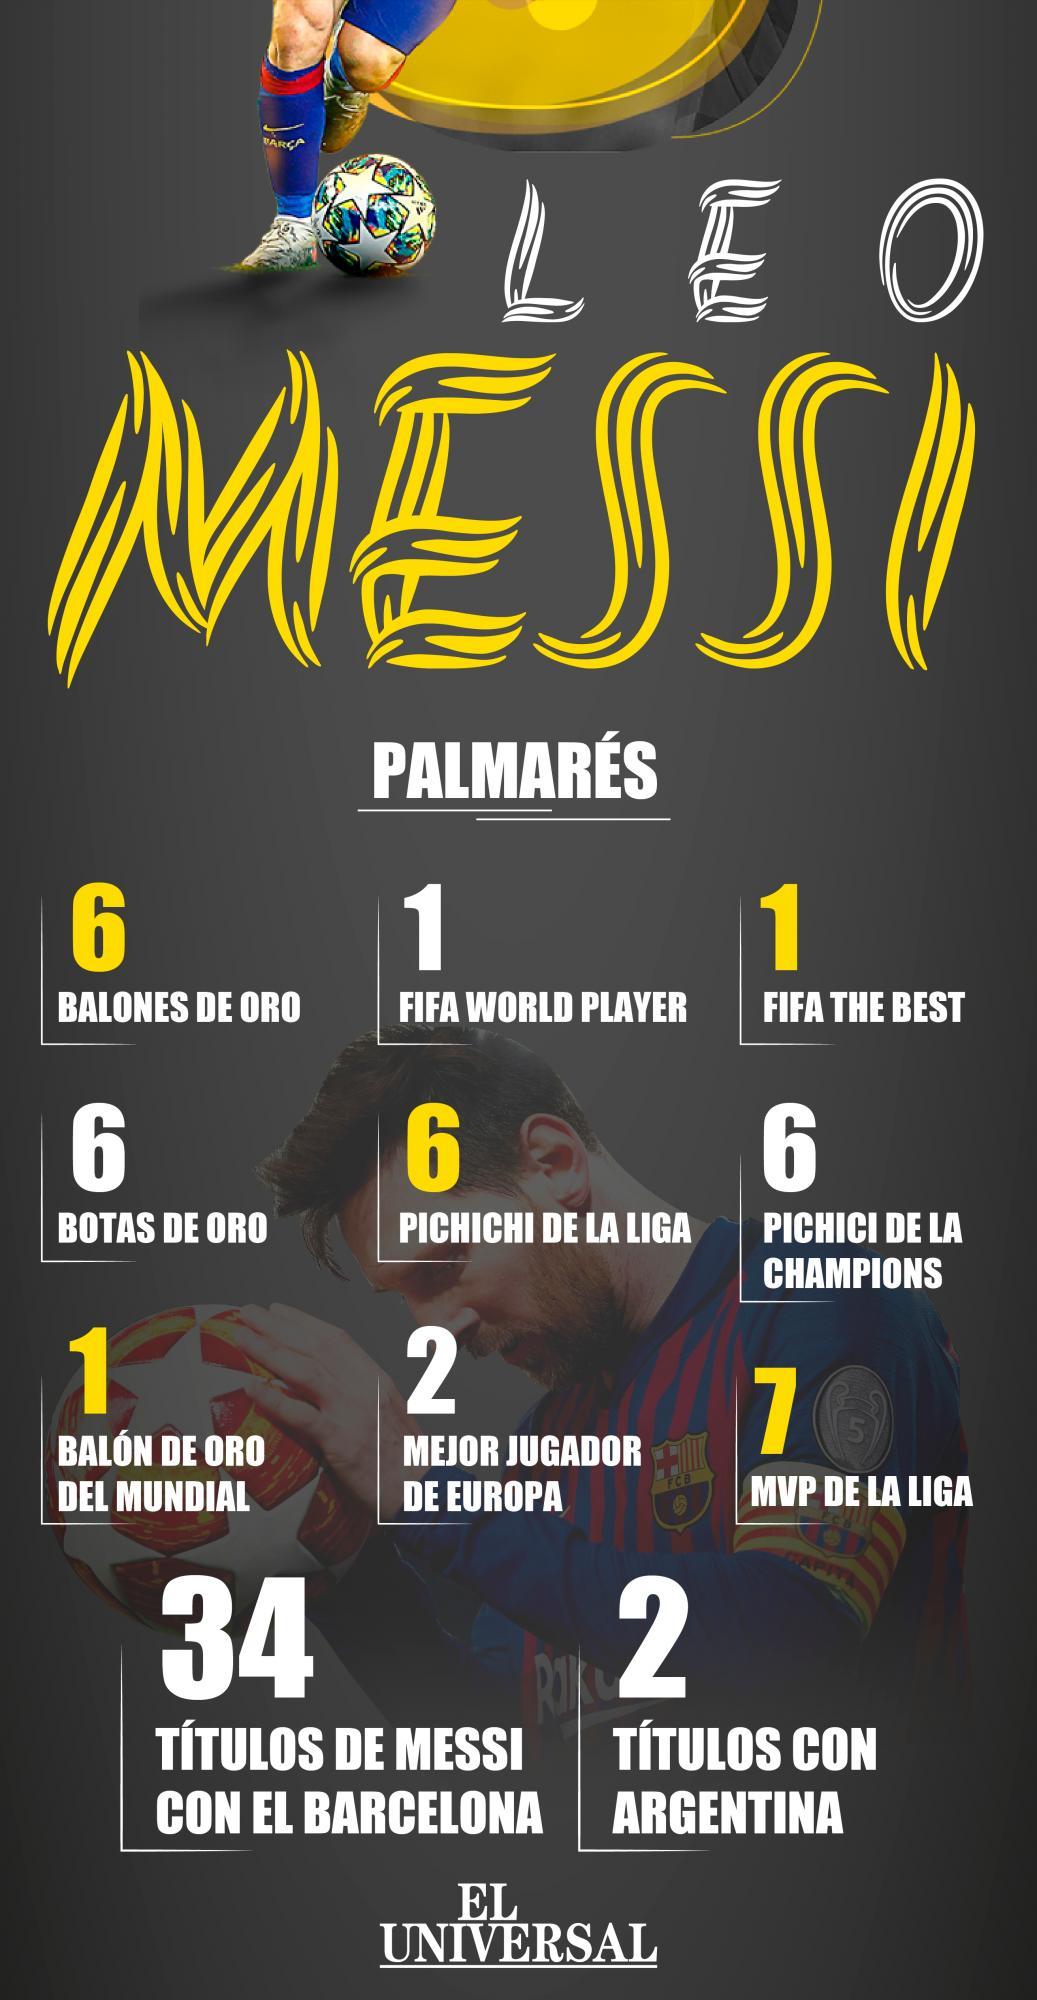 [Infografía] Los seis balones de Oro de Lionel Messi